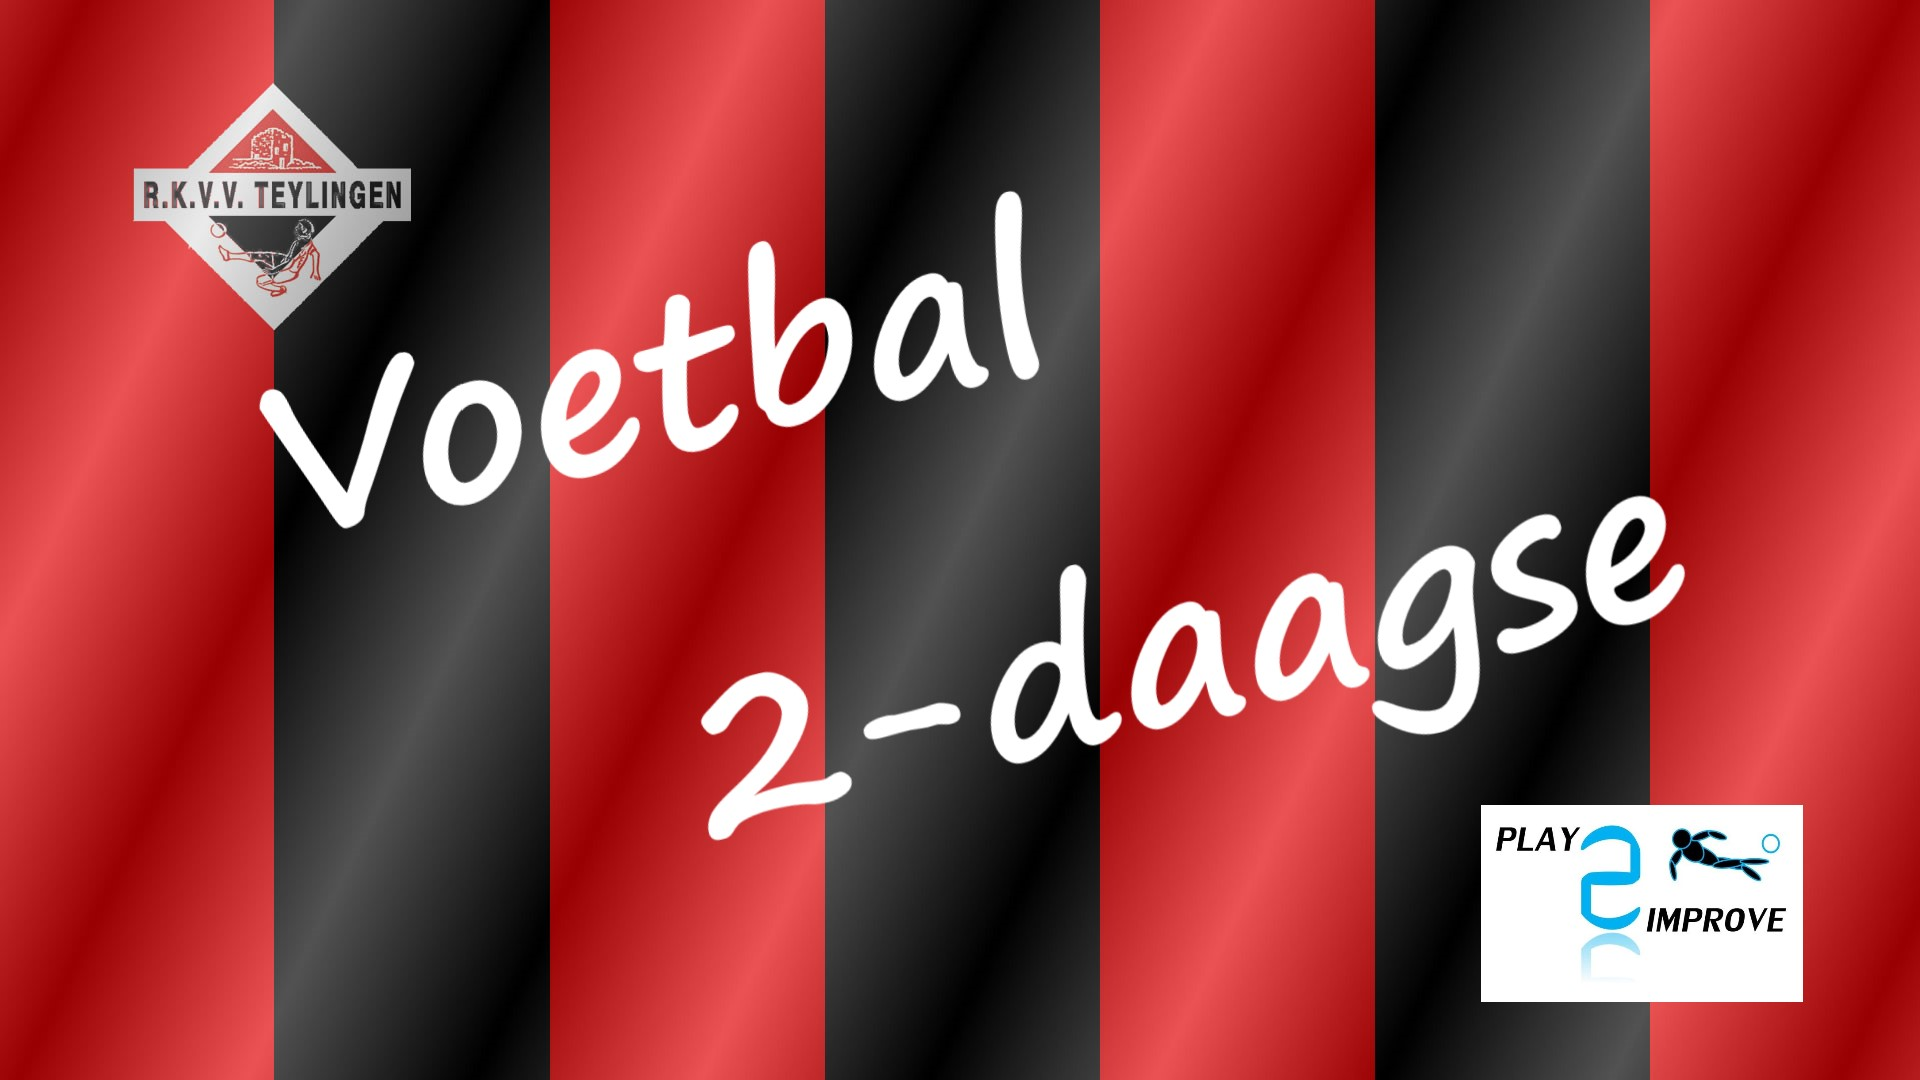 Voetbal 2-daagse bij RKVV Teylingen